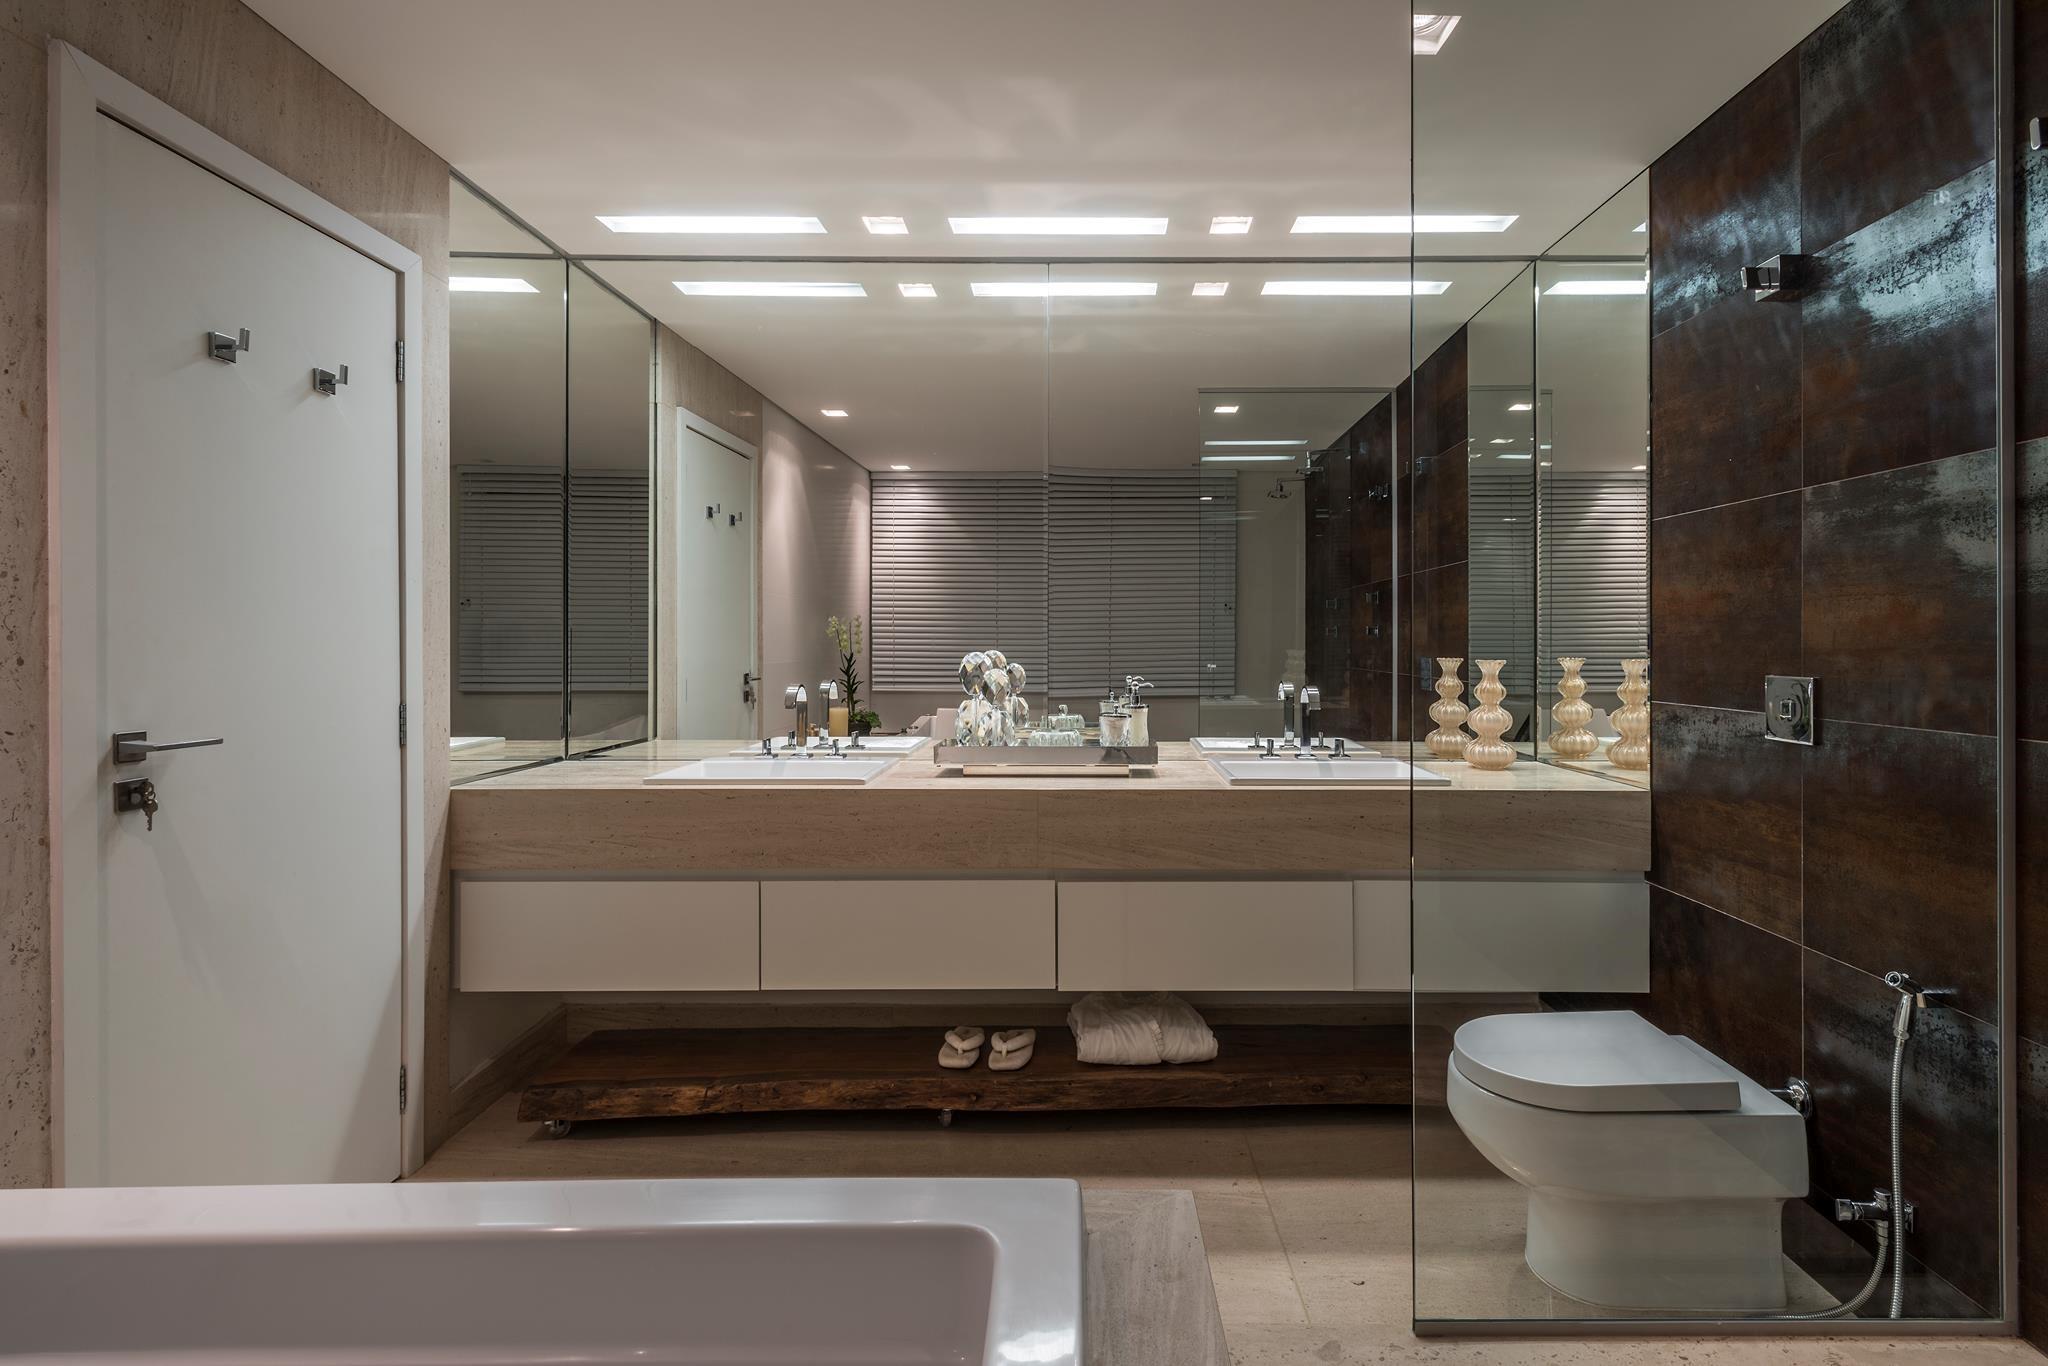 Banheiro com porcelanato de madeira: Box, Revestido, Decorado! 10